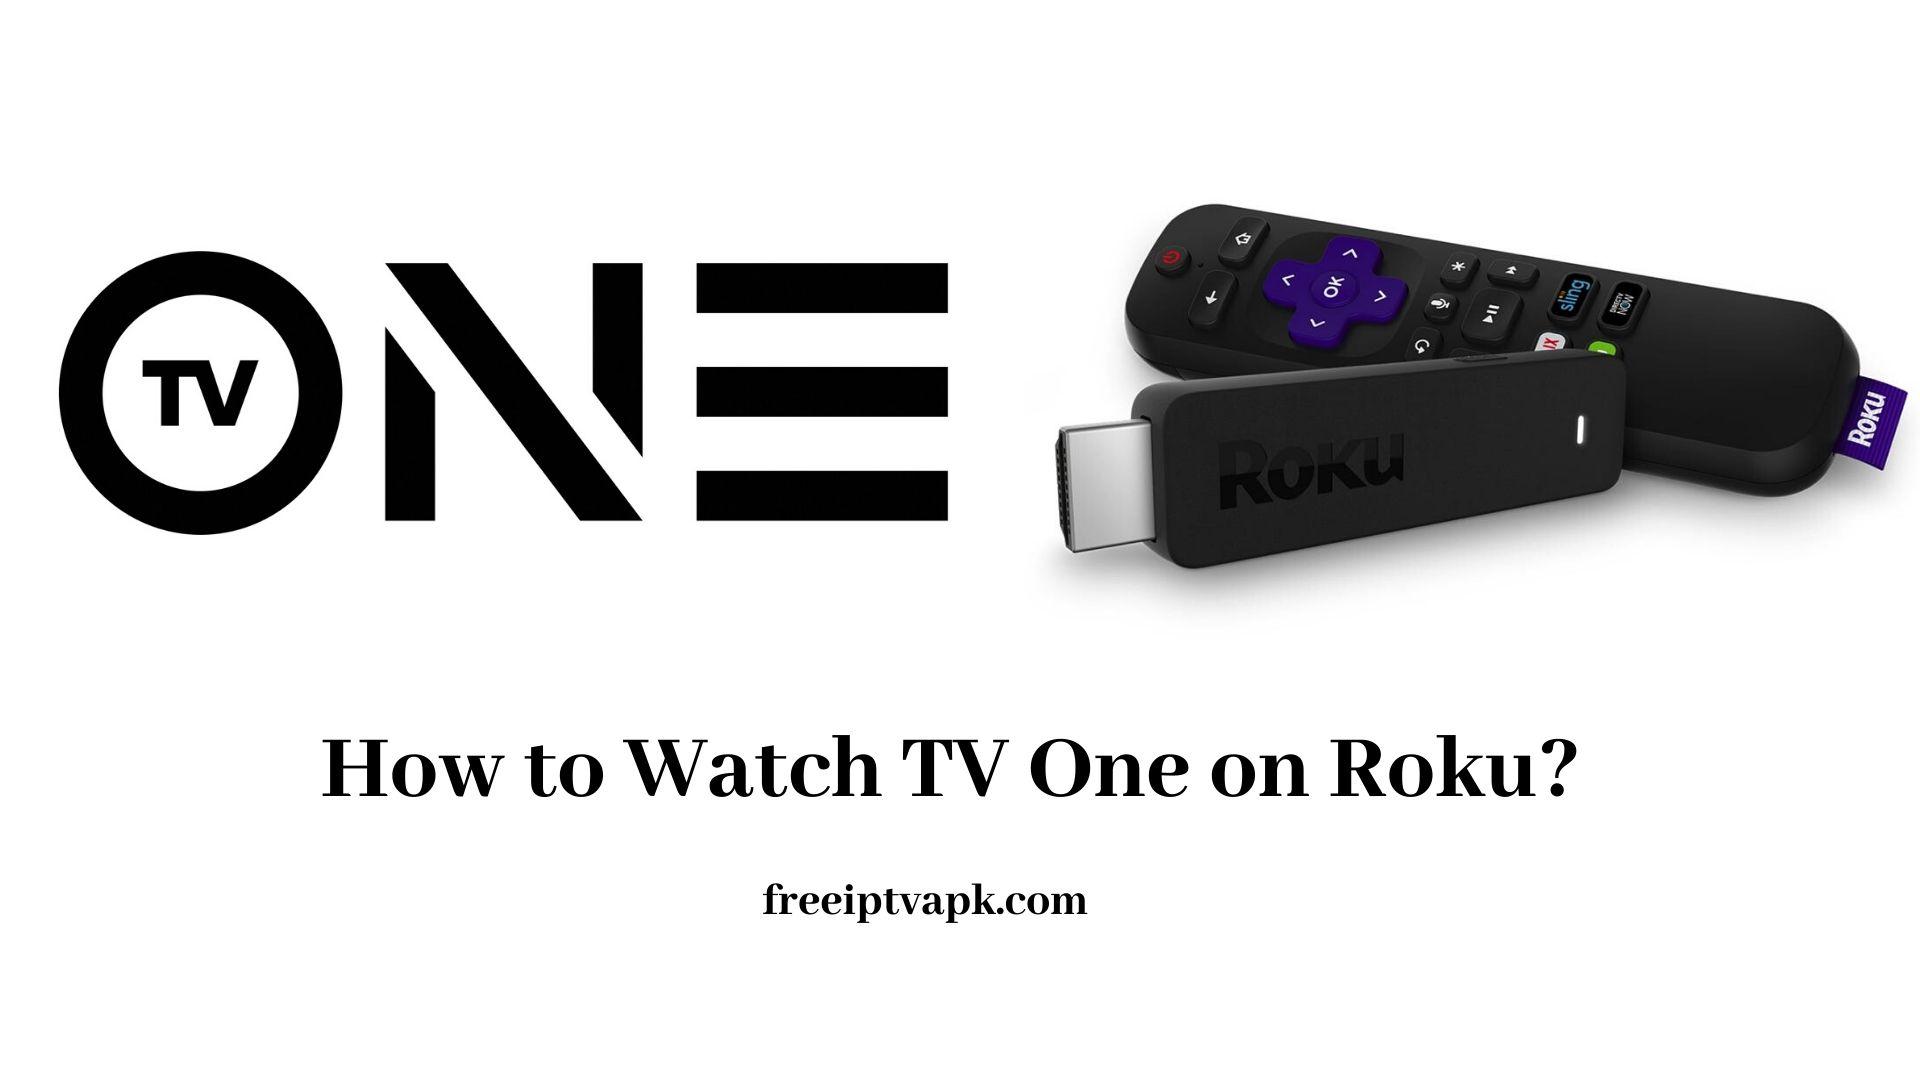 TV One on Roku